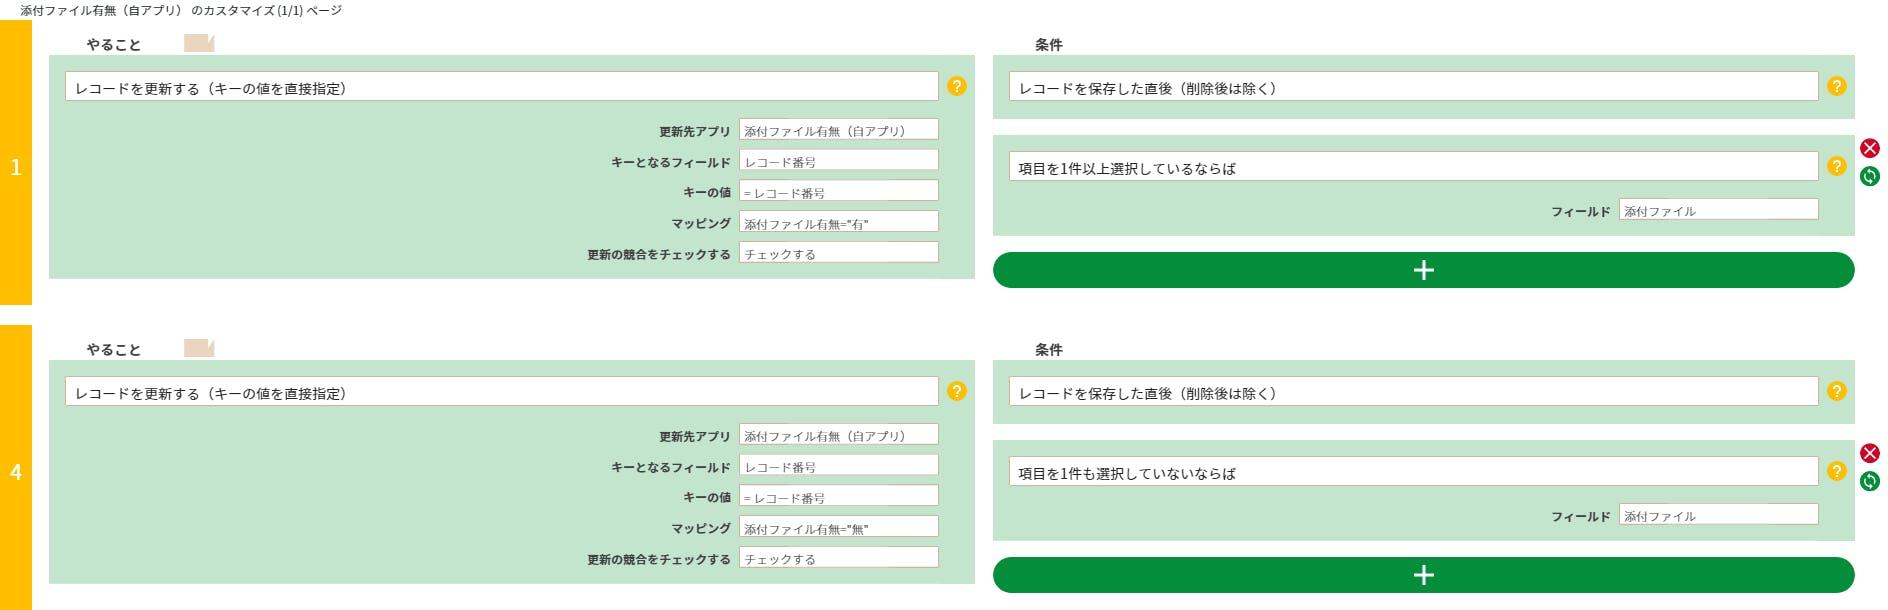 添付ファイル有無(自アプリ) のカスタマイズ-(1-1)-ページ (1).png